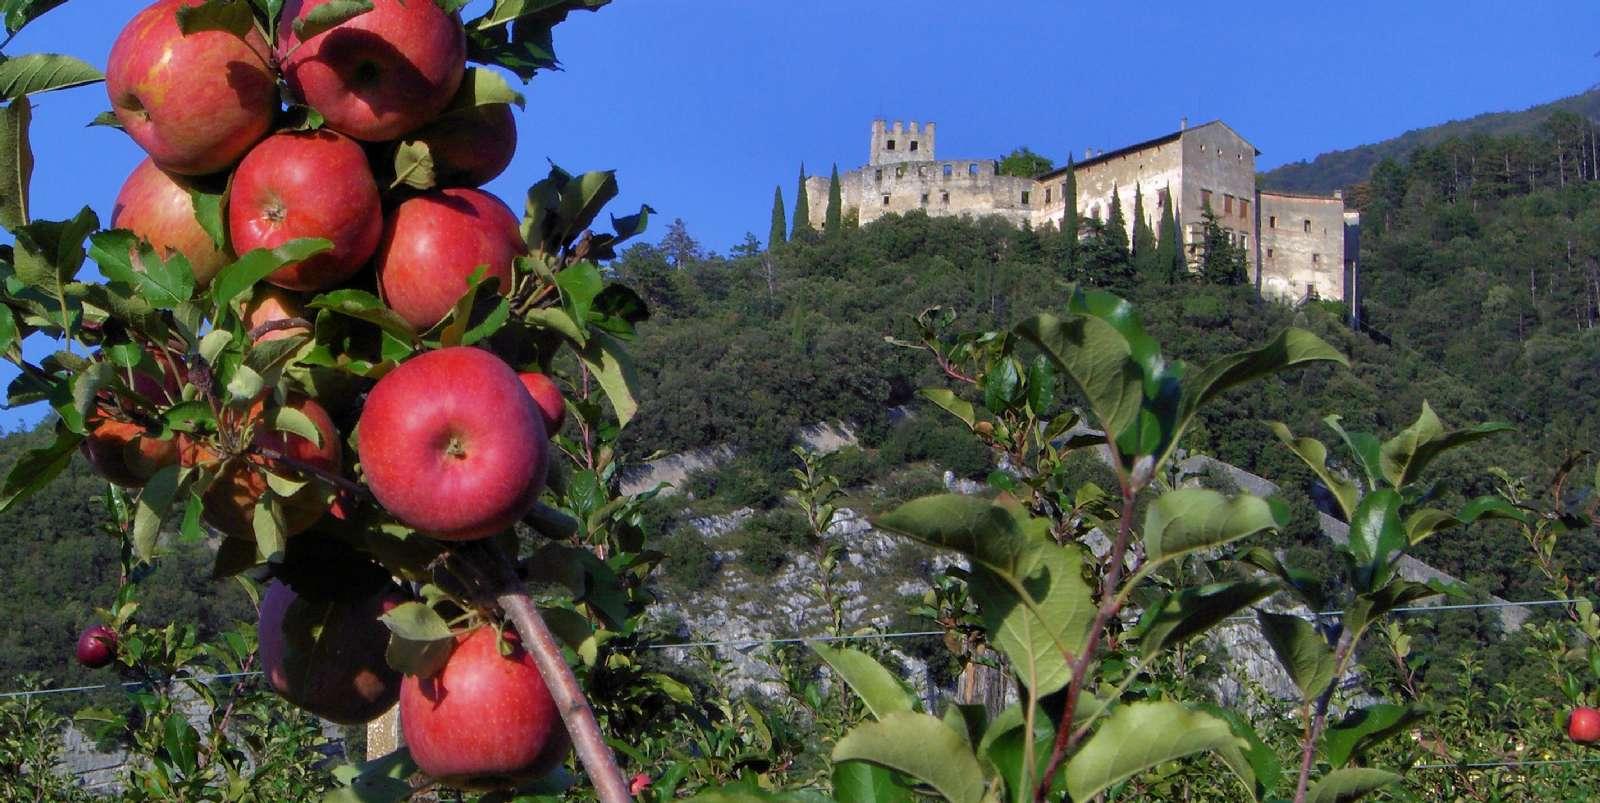 La région est une grande productrice de pommes